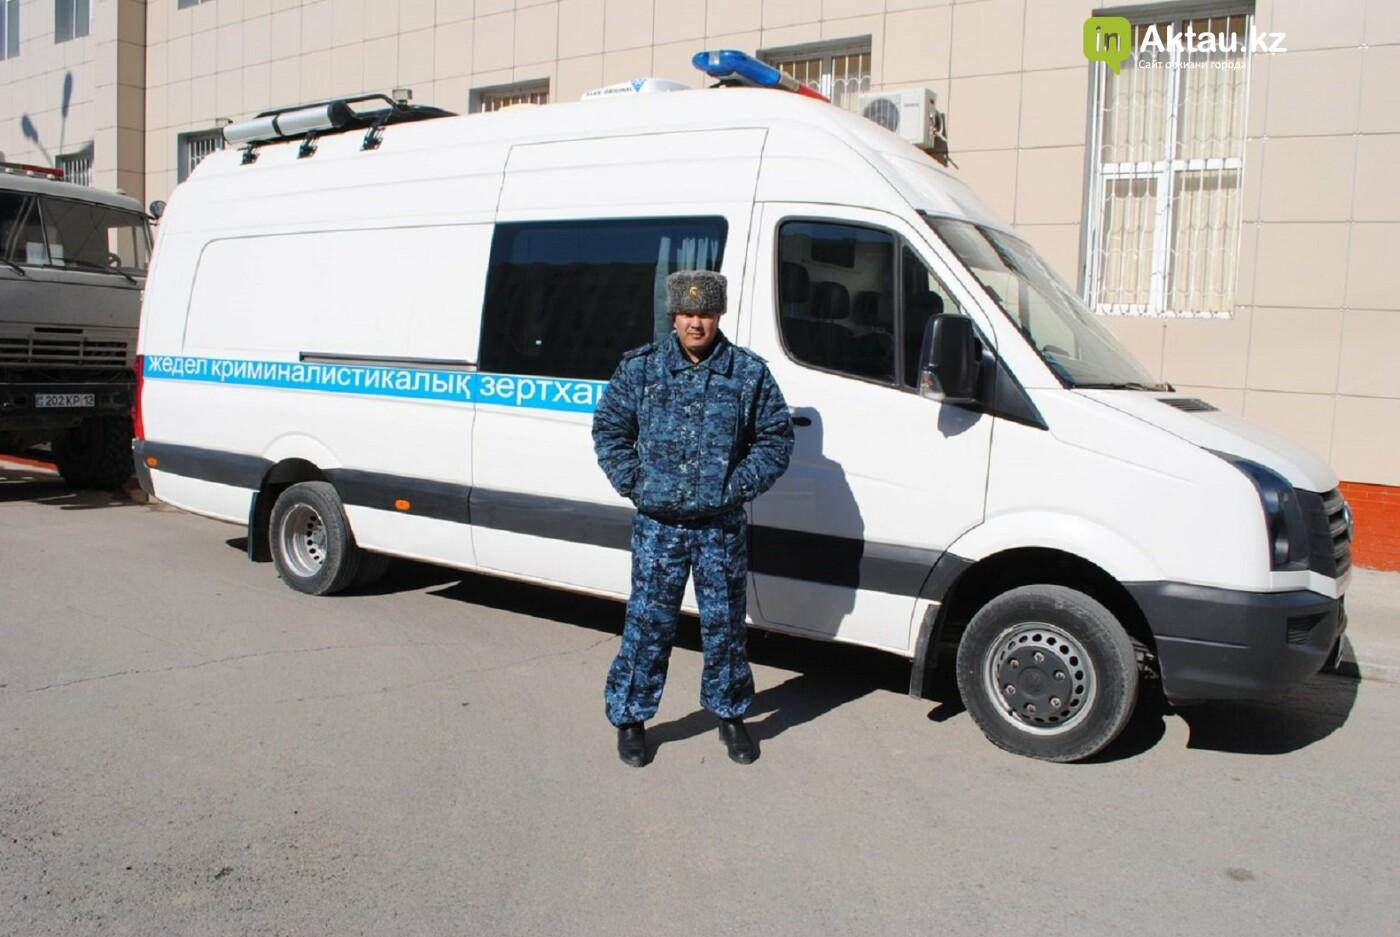 Найти убийцу по отпечатку ладони, поймать насильника по волоску: герои невидимого фронта Актау, фото-4